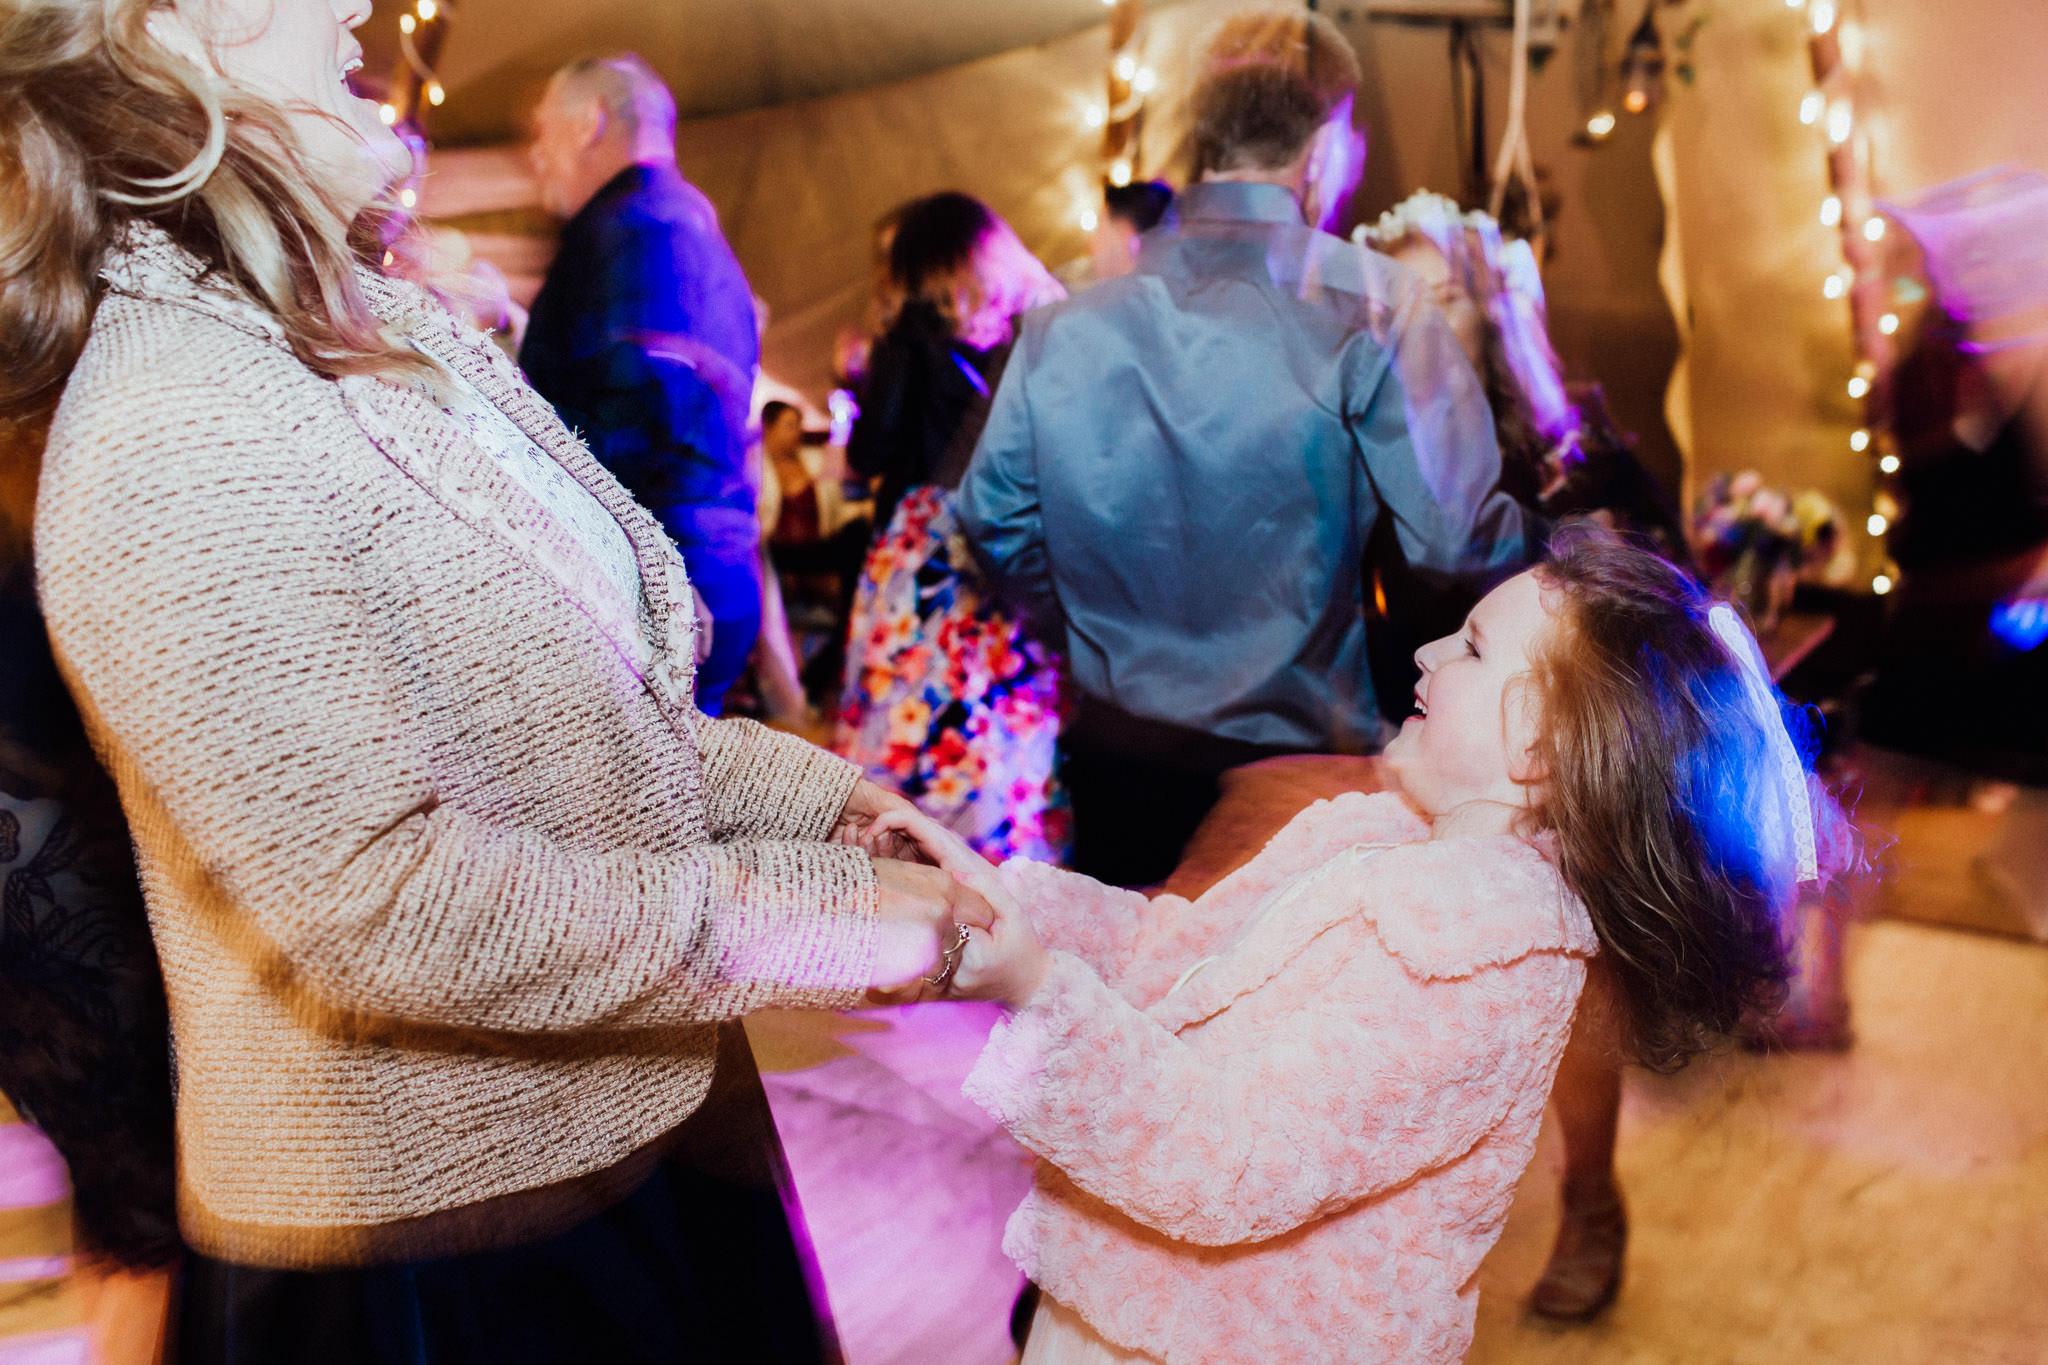 WeddingPhotos_Facebook_2048pixels-1958.jpg